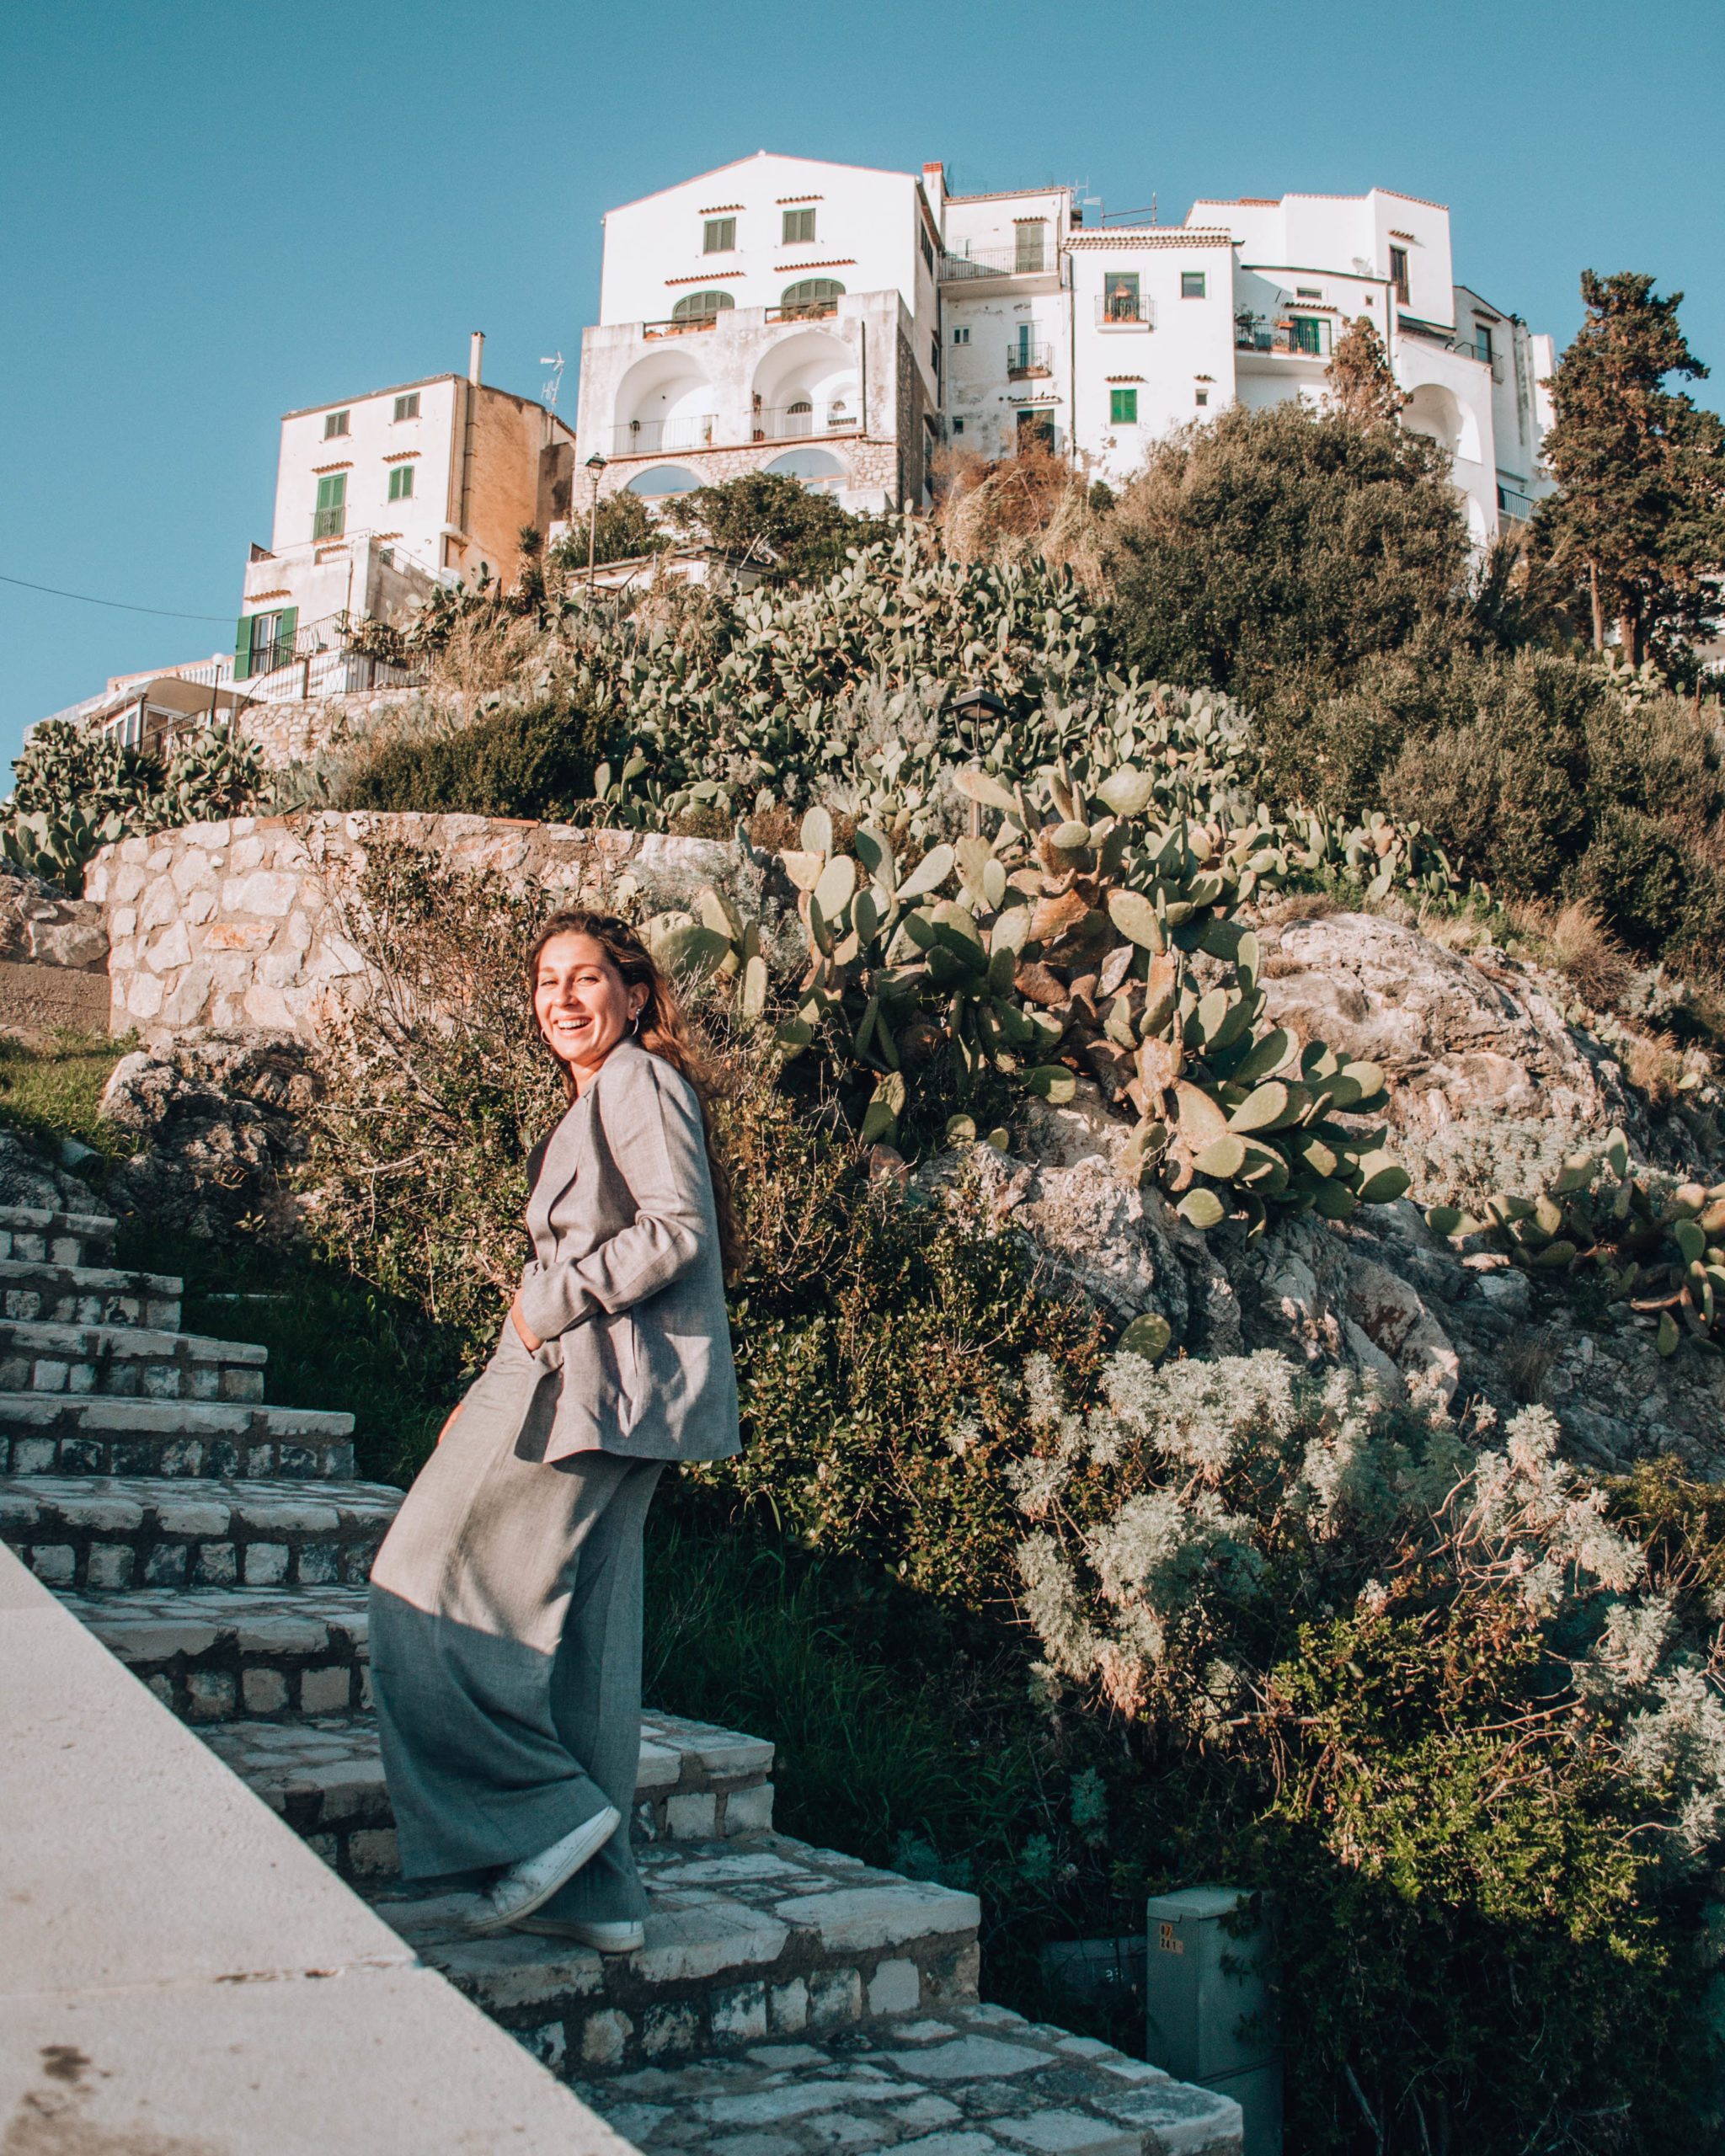 ragazza che sale gradini sullo sfondo di una rocca